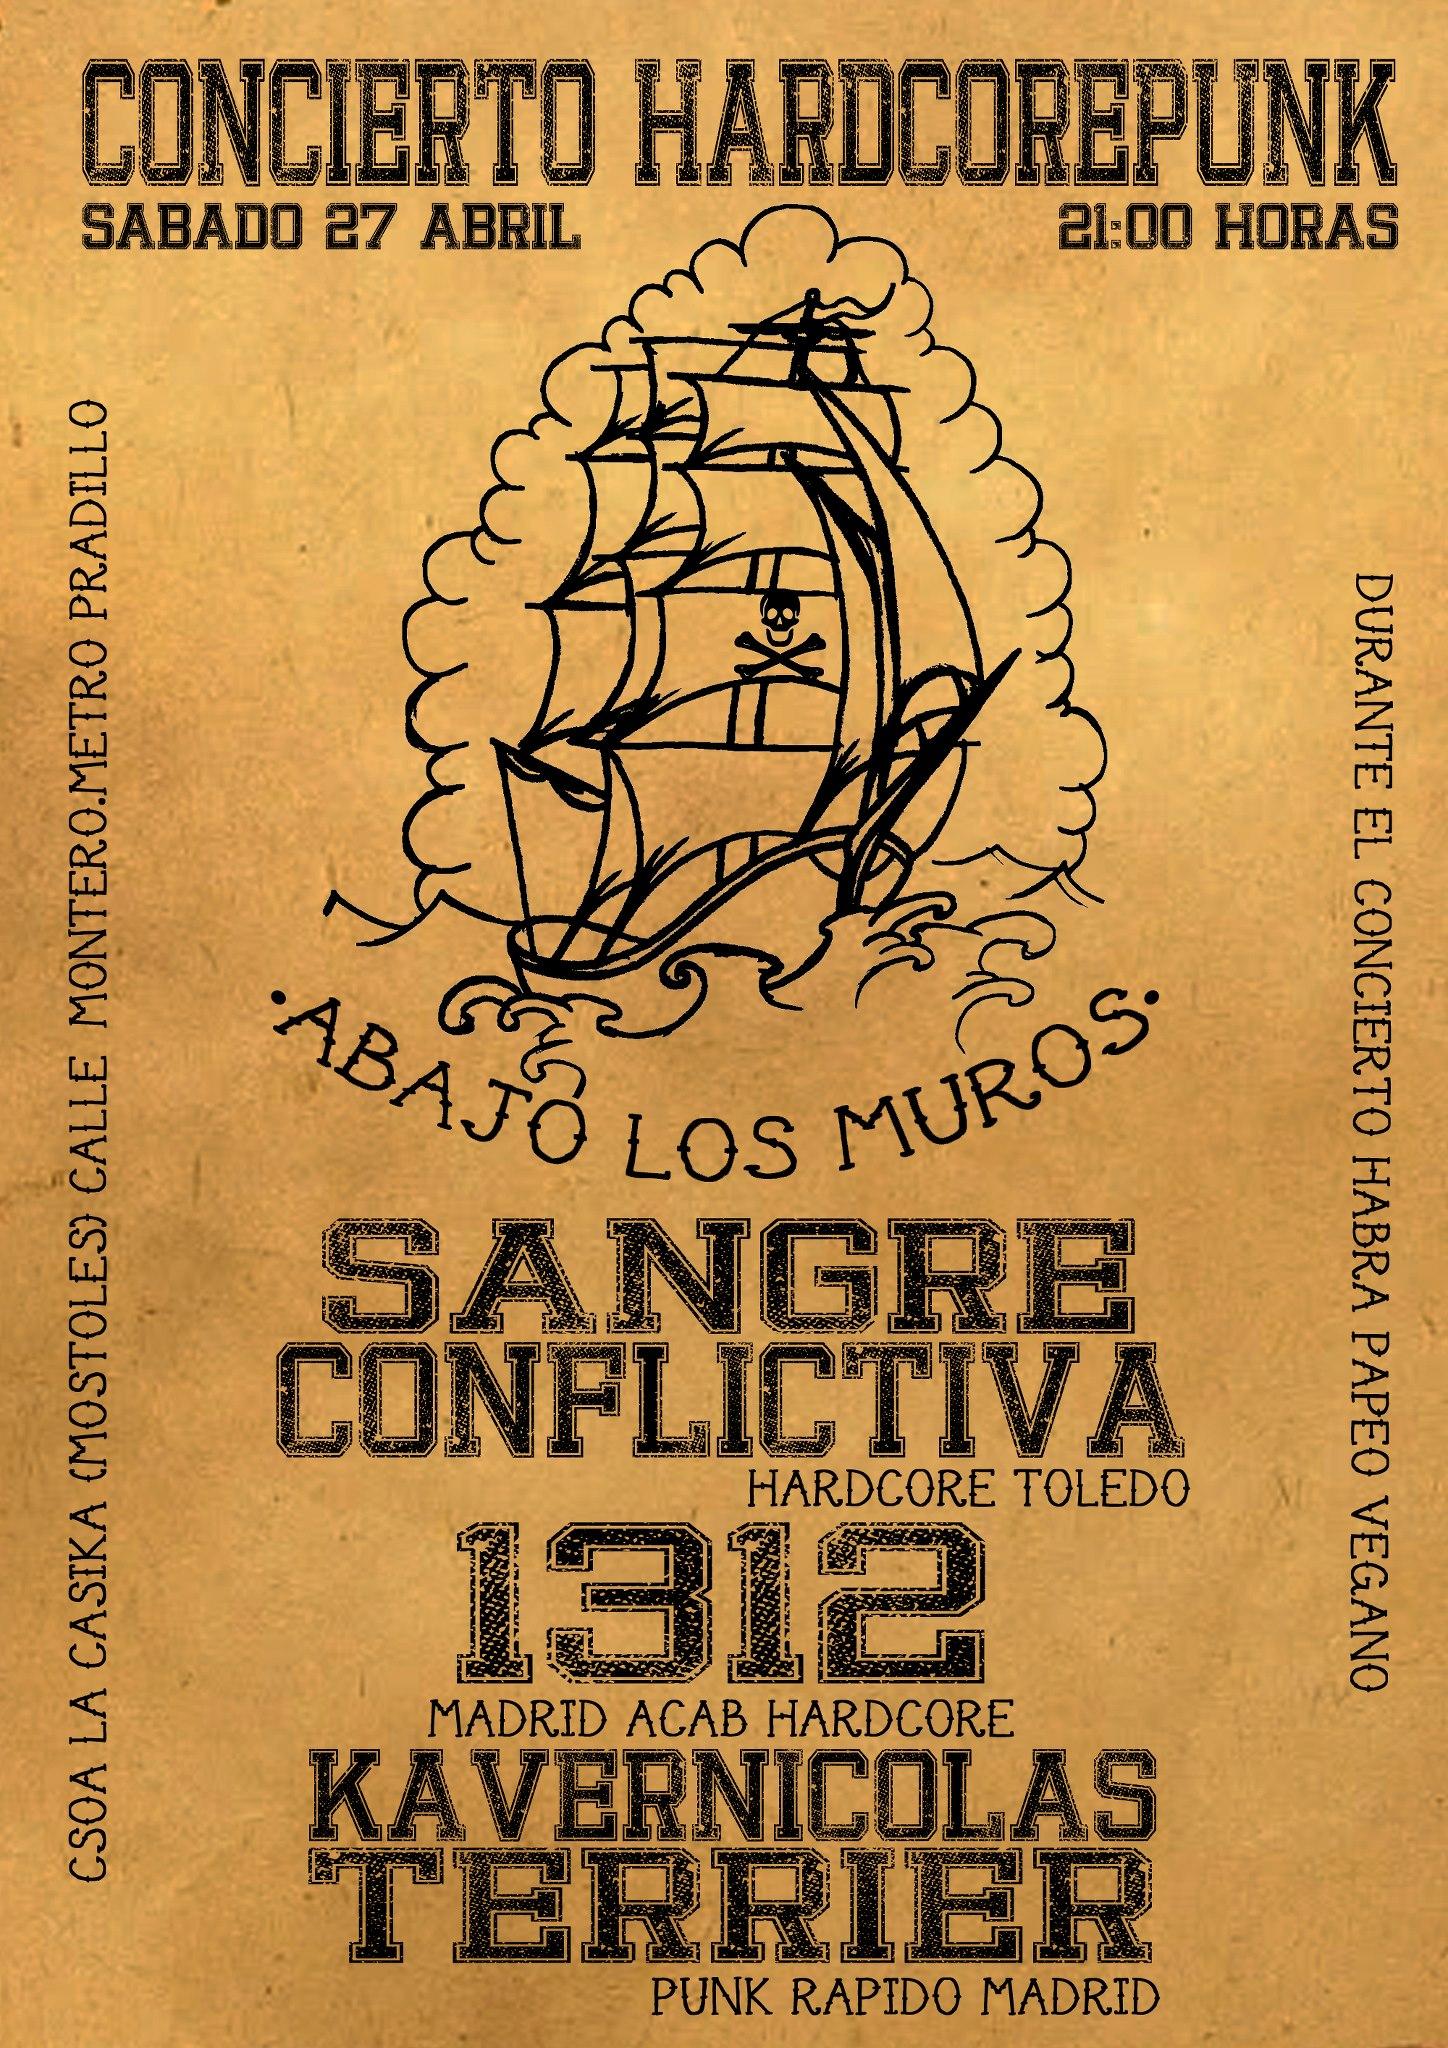 cartel Concierto de las Jornadas contra la Sociedad Cárcel - sabado 27 abril en la Casika Móstoles